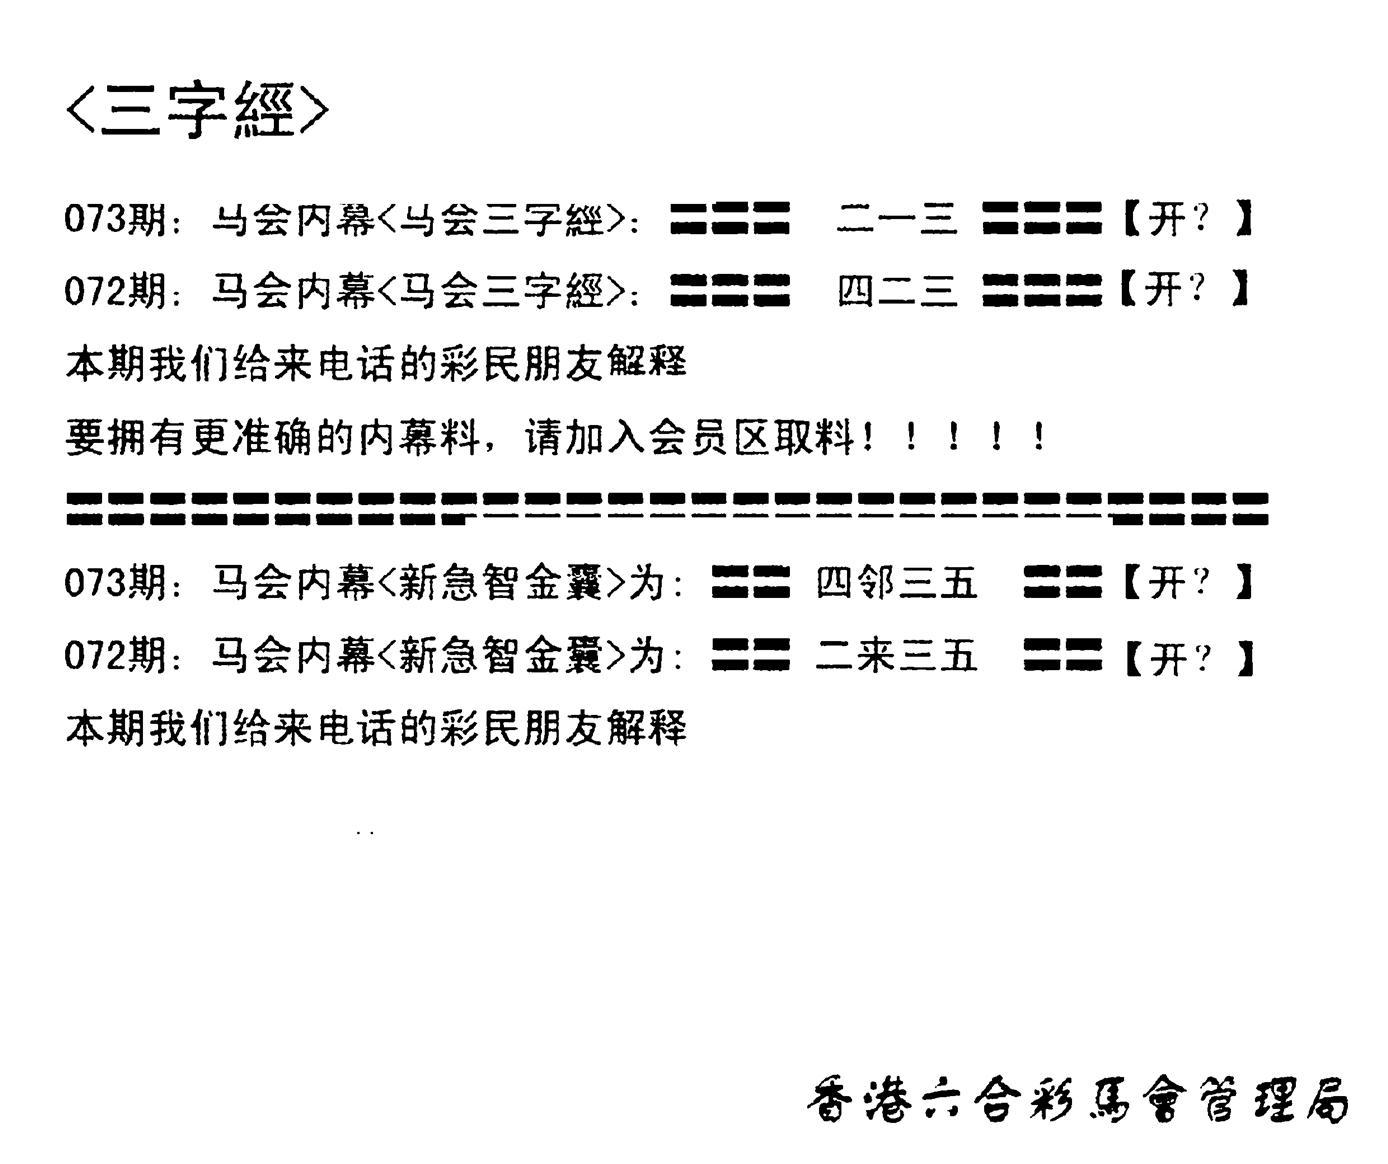 073期电脑版(早版)(黑白)